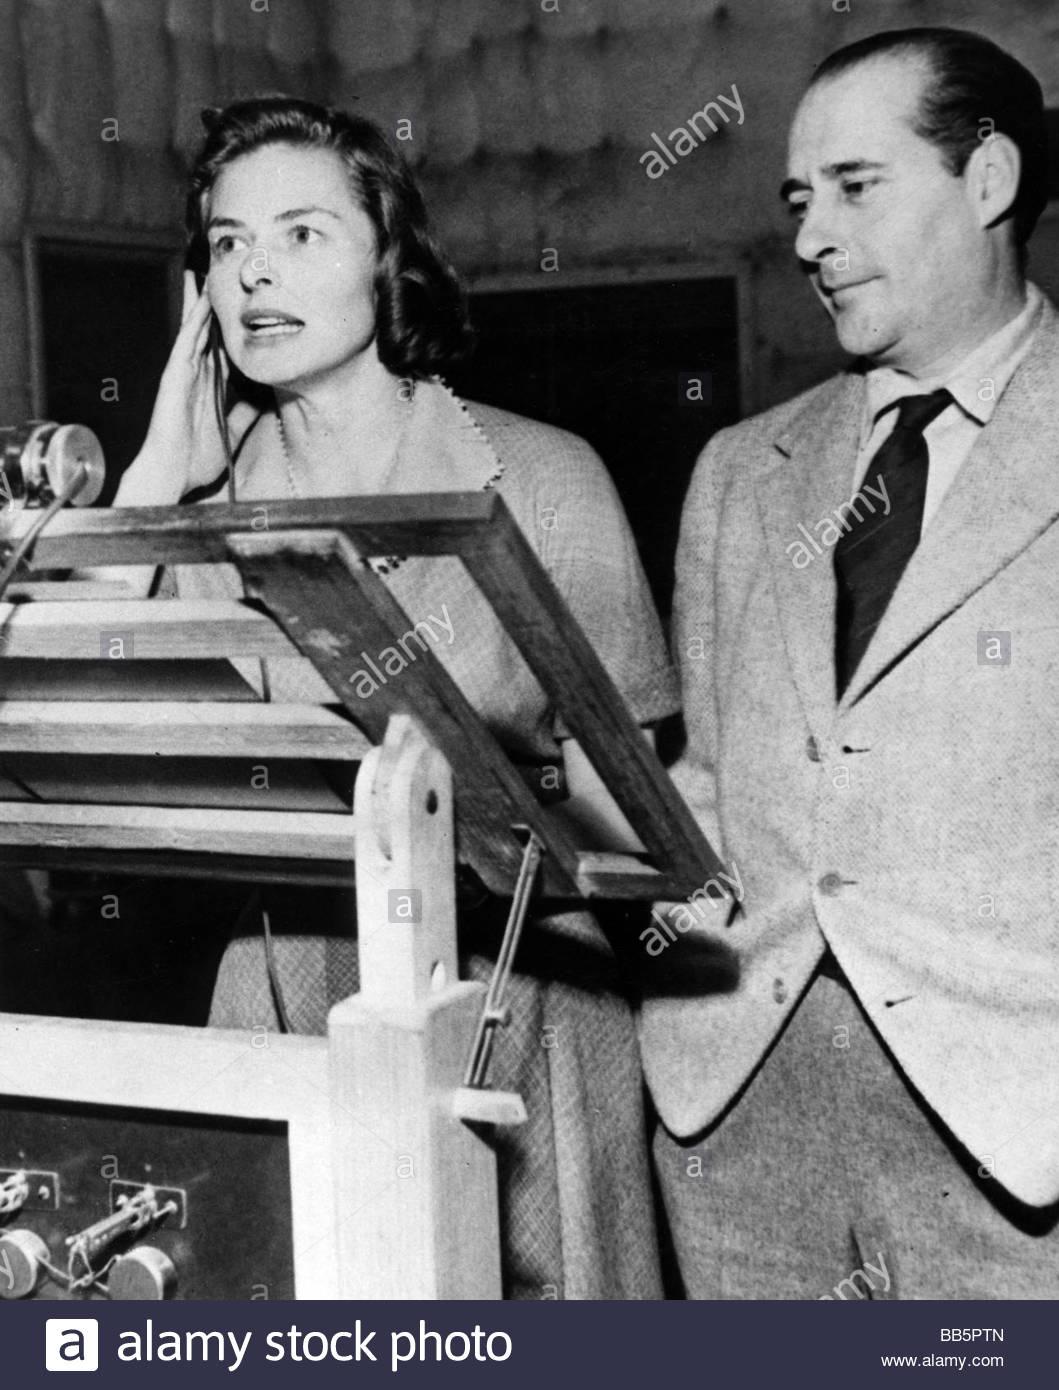 Bergman, Ingrid, 29.8.1915 - 29.8.1982, schwedische Schauspielerin, mit Ehemann Roberto Rossellini, im Tonstudio, Stockbild